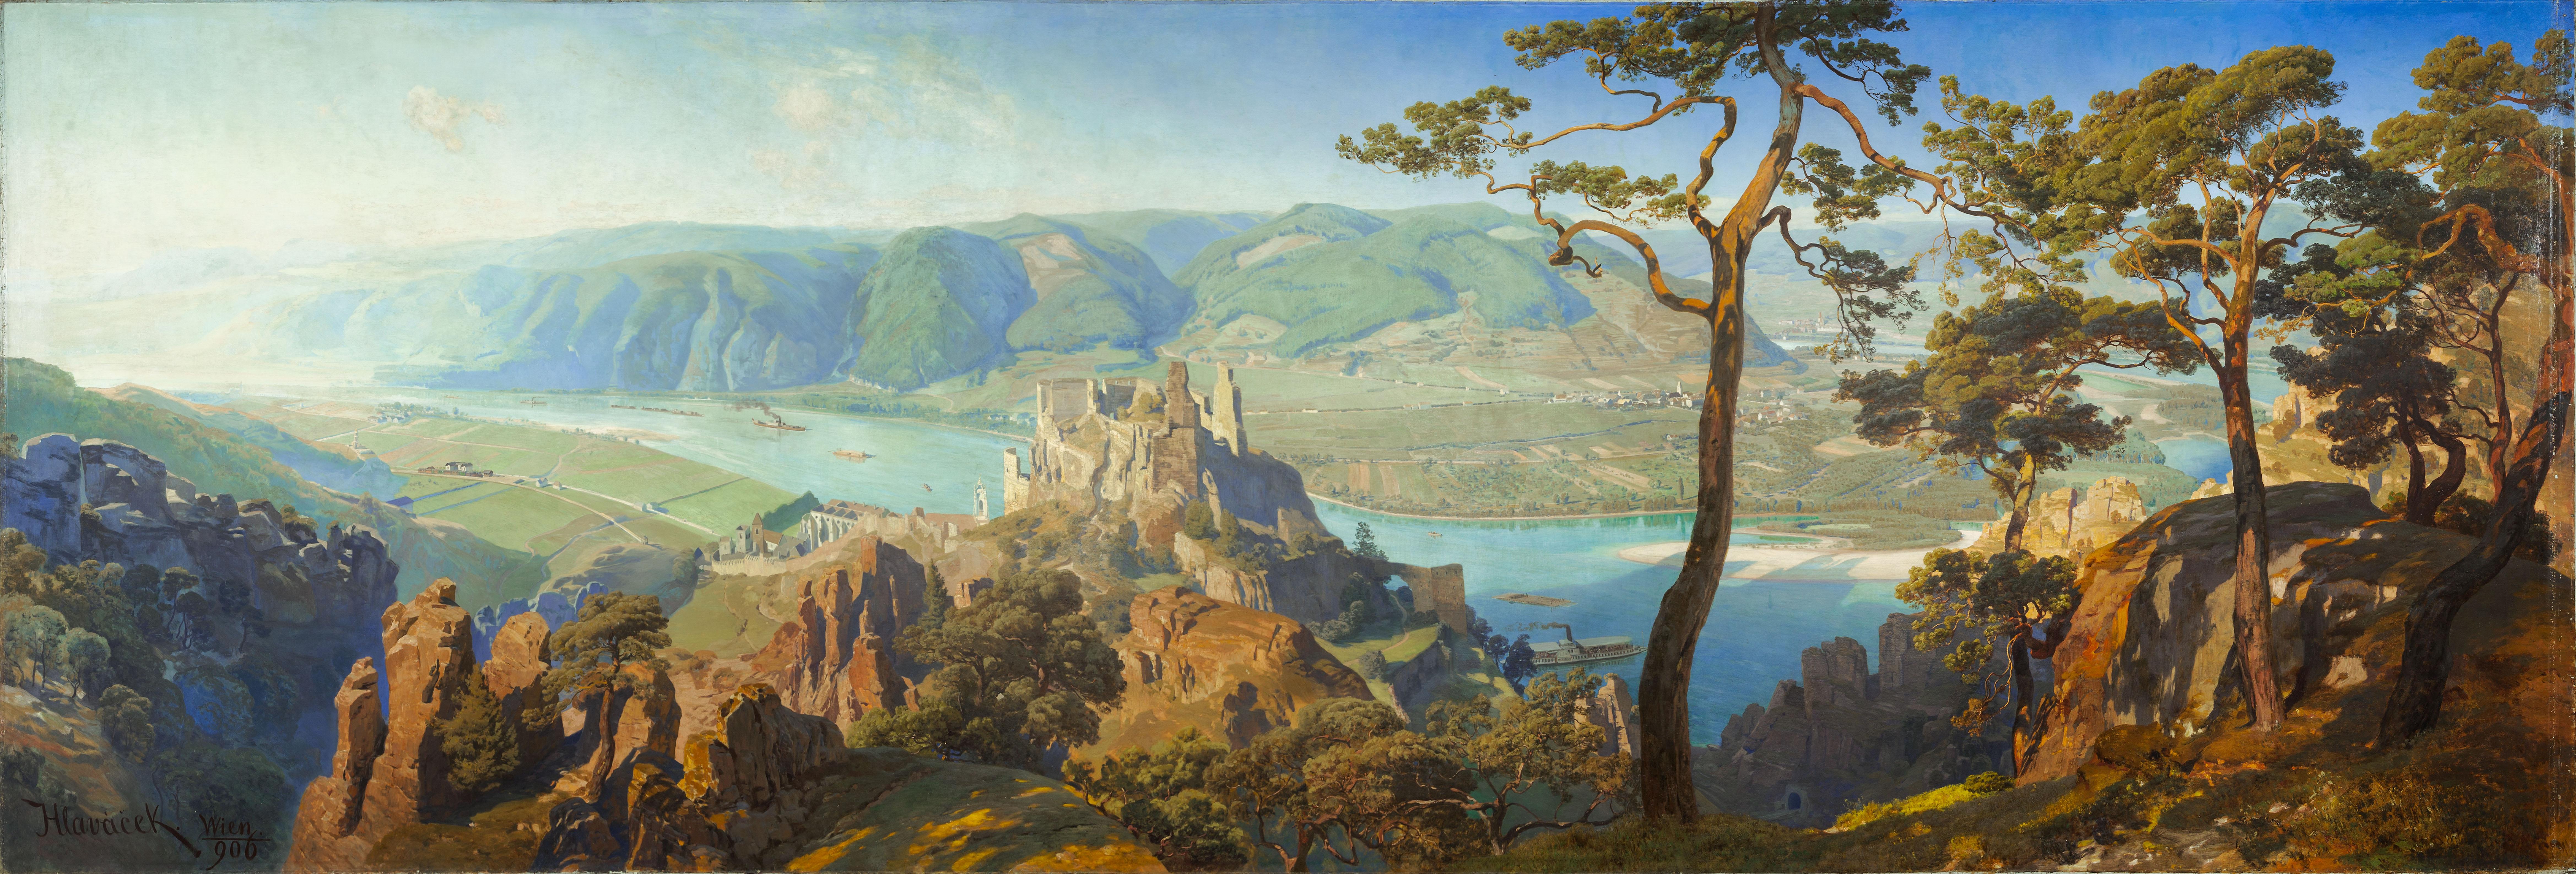 Anton Hlavacek, Panorama des Donautals mit der Burgruine Dürnstein, um 1905 © Landessammlungen NÖ